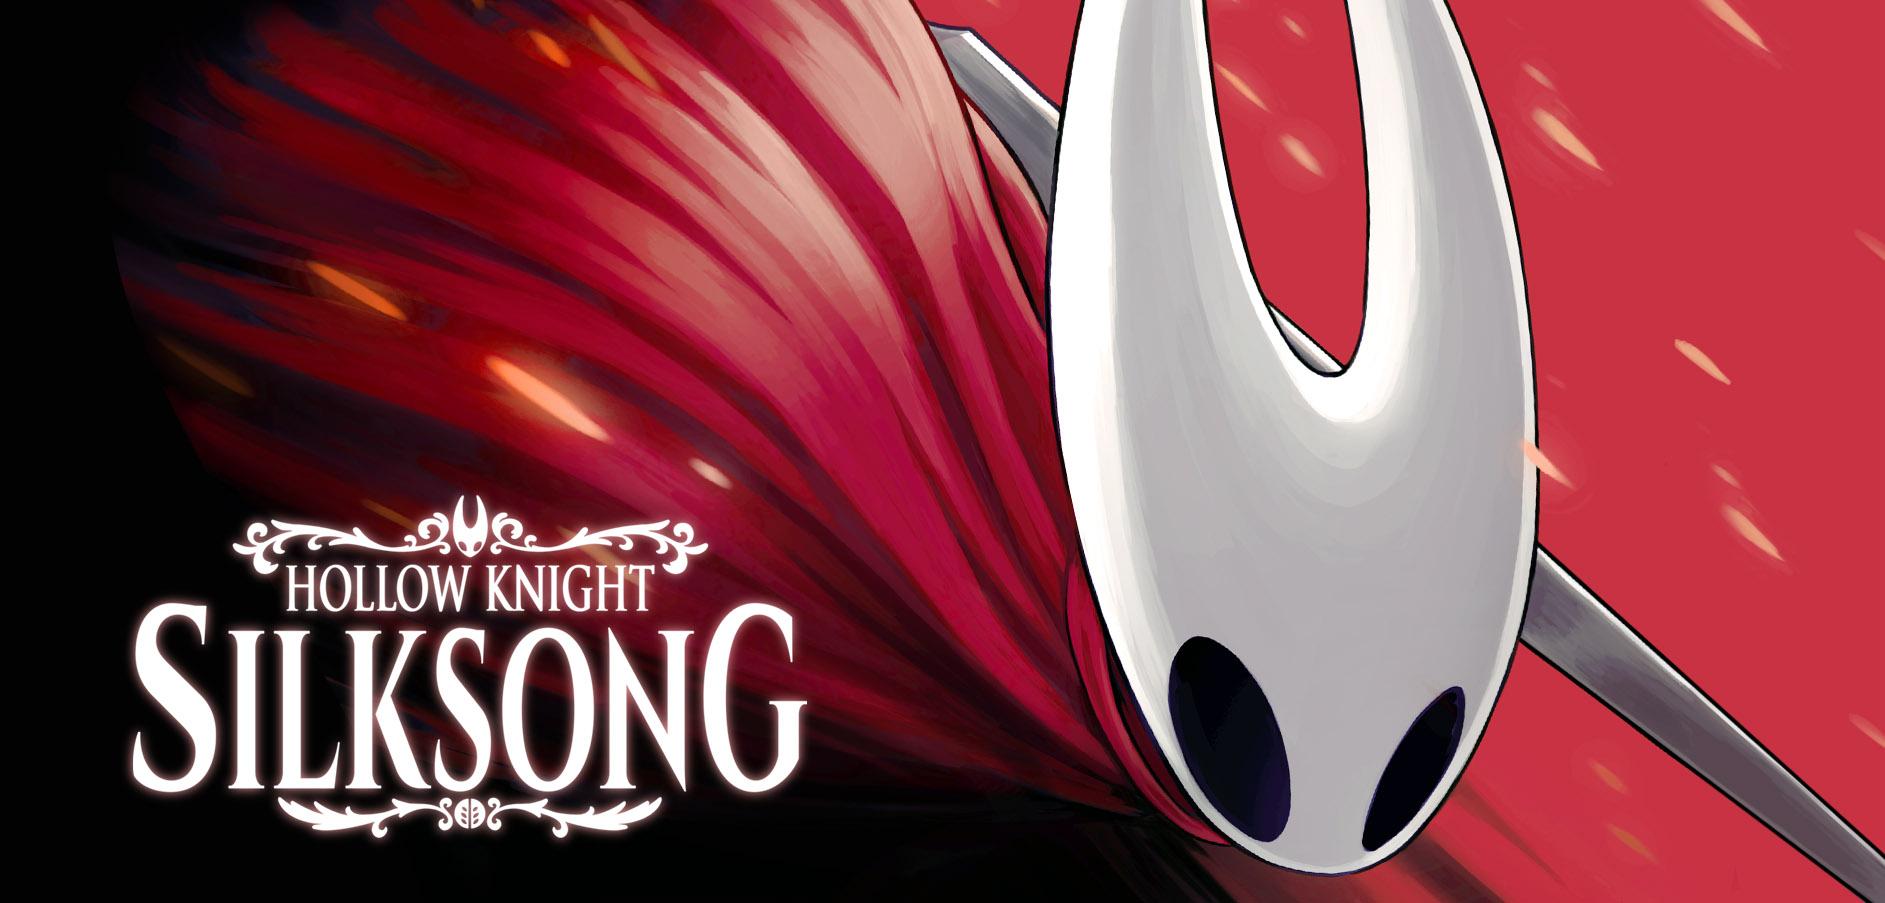 《空洞骑士:丝绸之歌》开发进行中 3名敌人公开